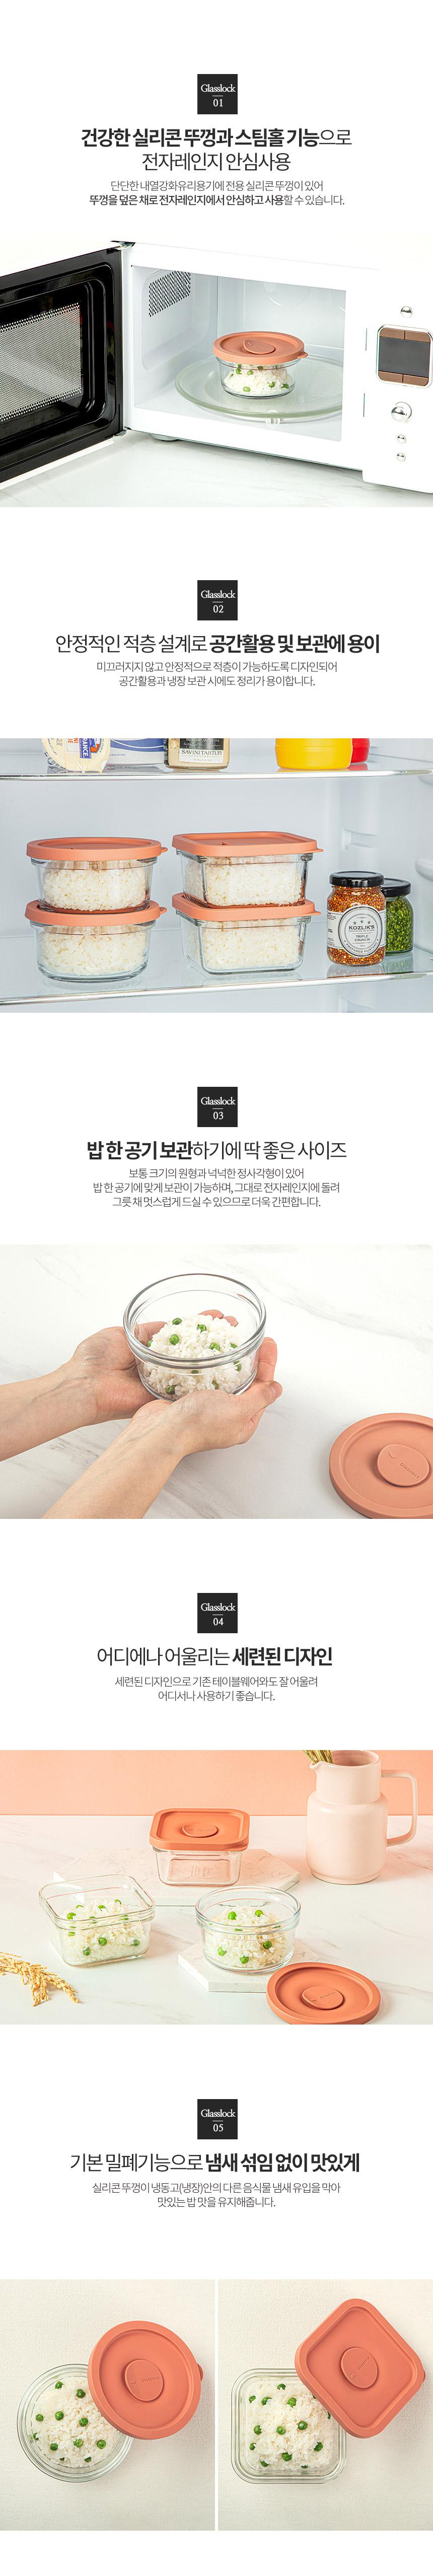 렌지쿡 촉촉한 햇밥용기 원형 350ml_02.jpg